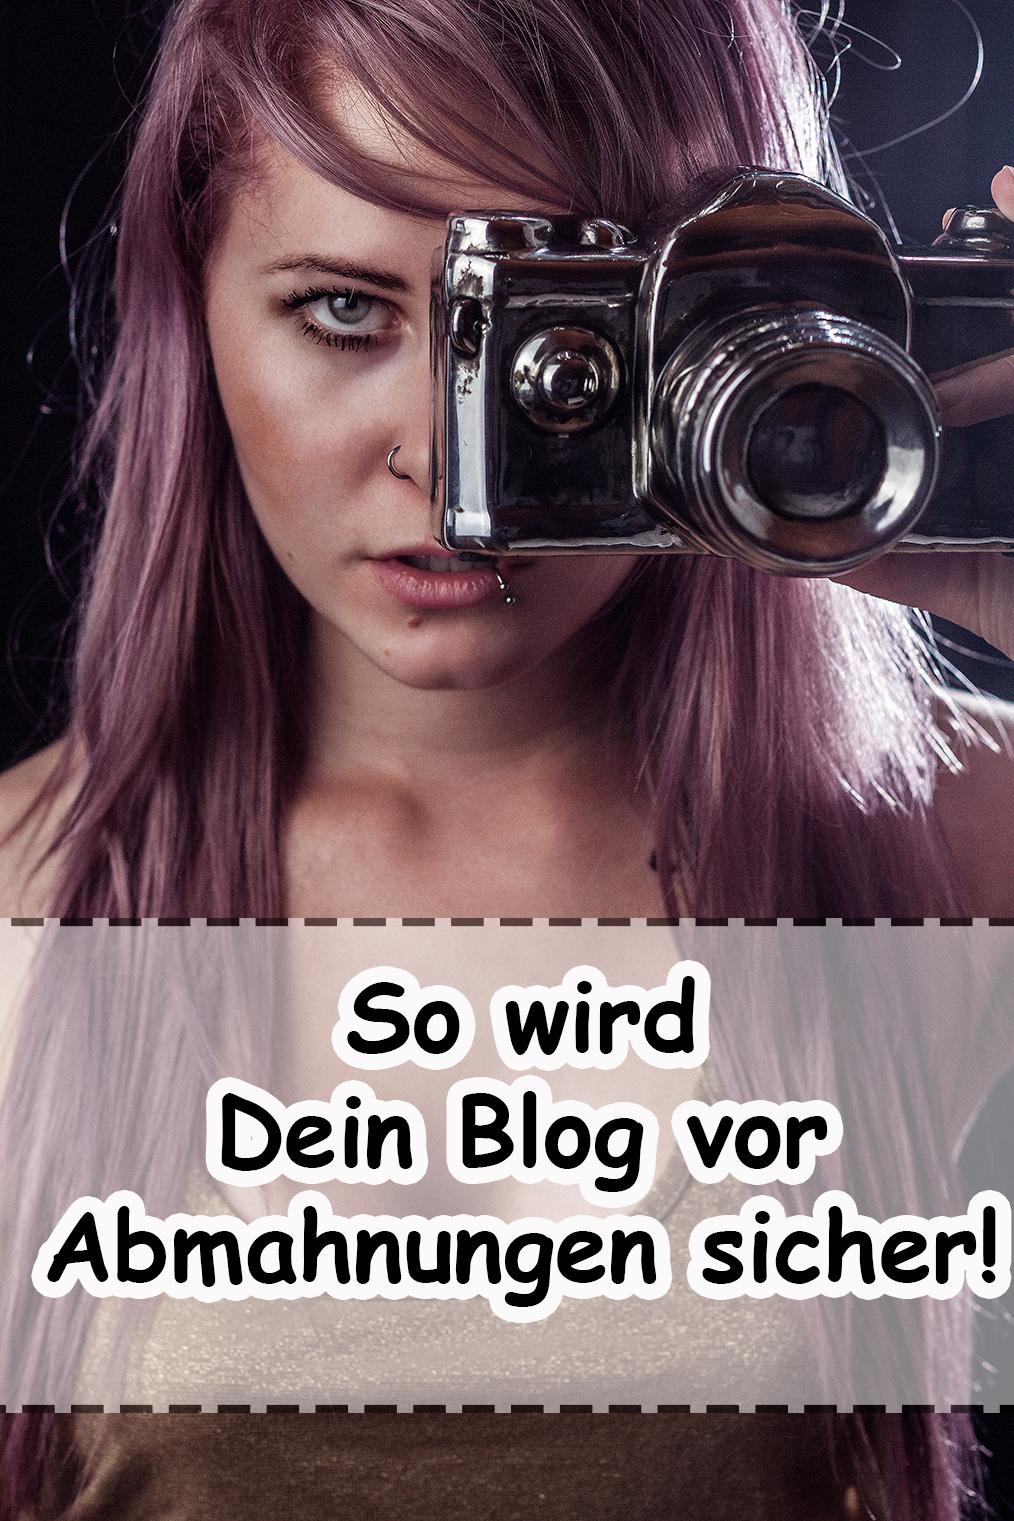 So wird Dein Blog vor Abmahnungen sicher